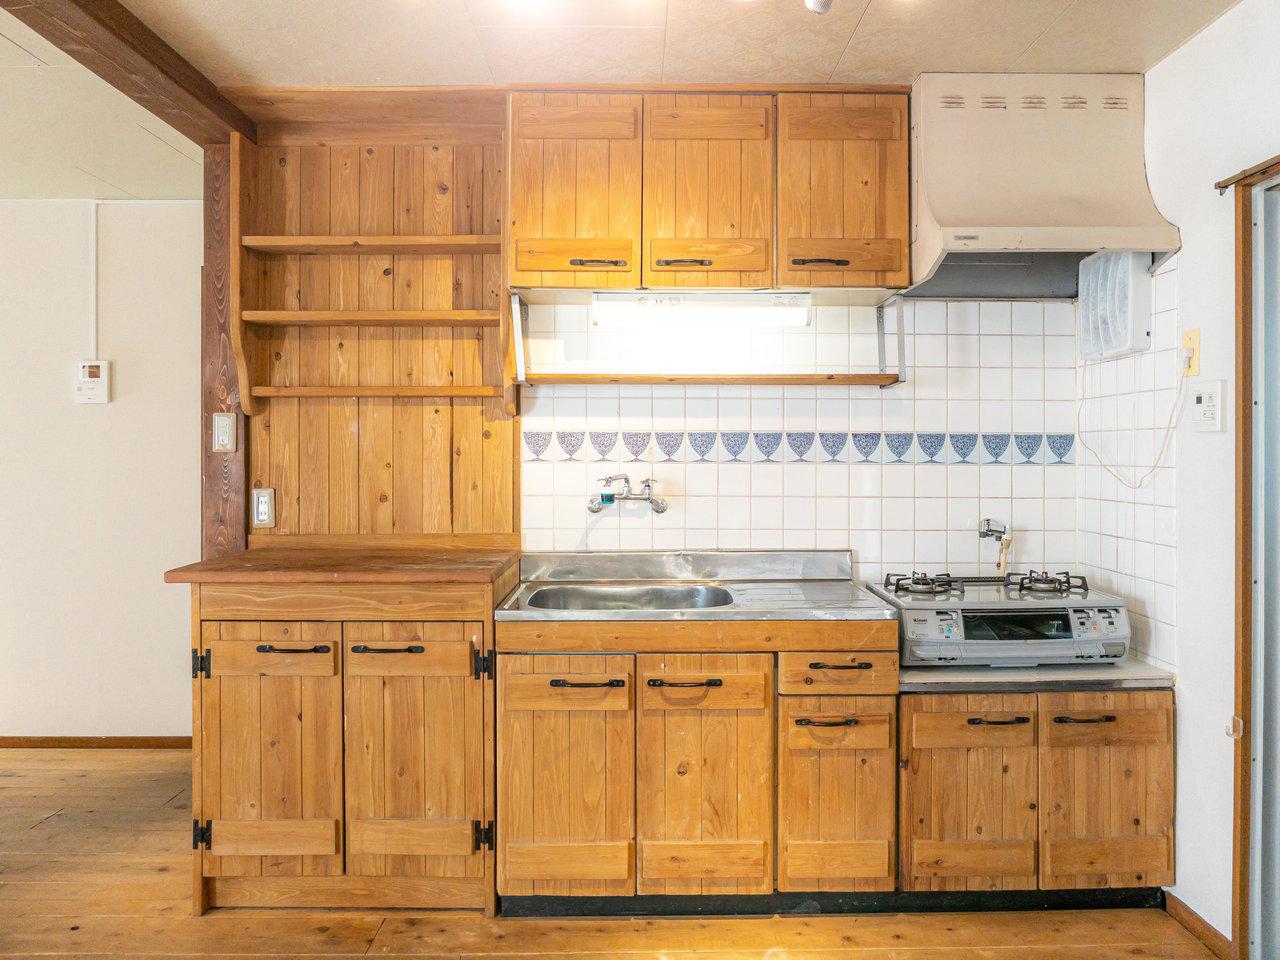 珍しいのは、キッチンも全て木製でできているということ。かわいい器を並べて、料理のモチベーションを上げたいですね。